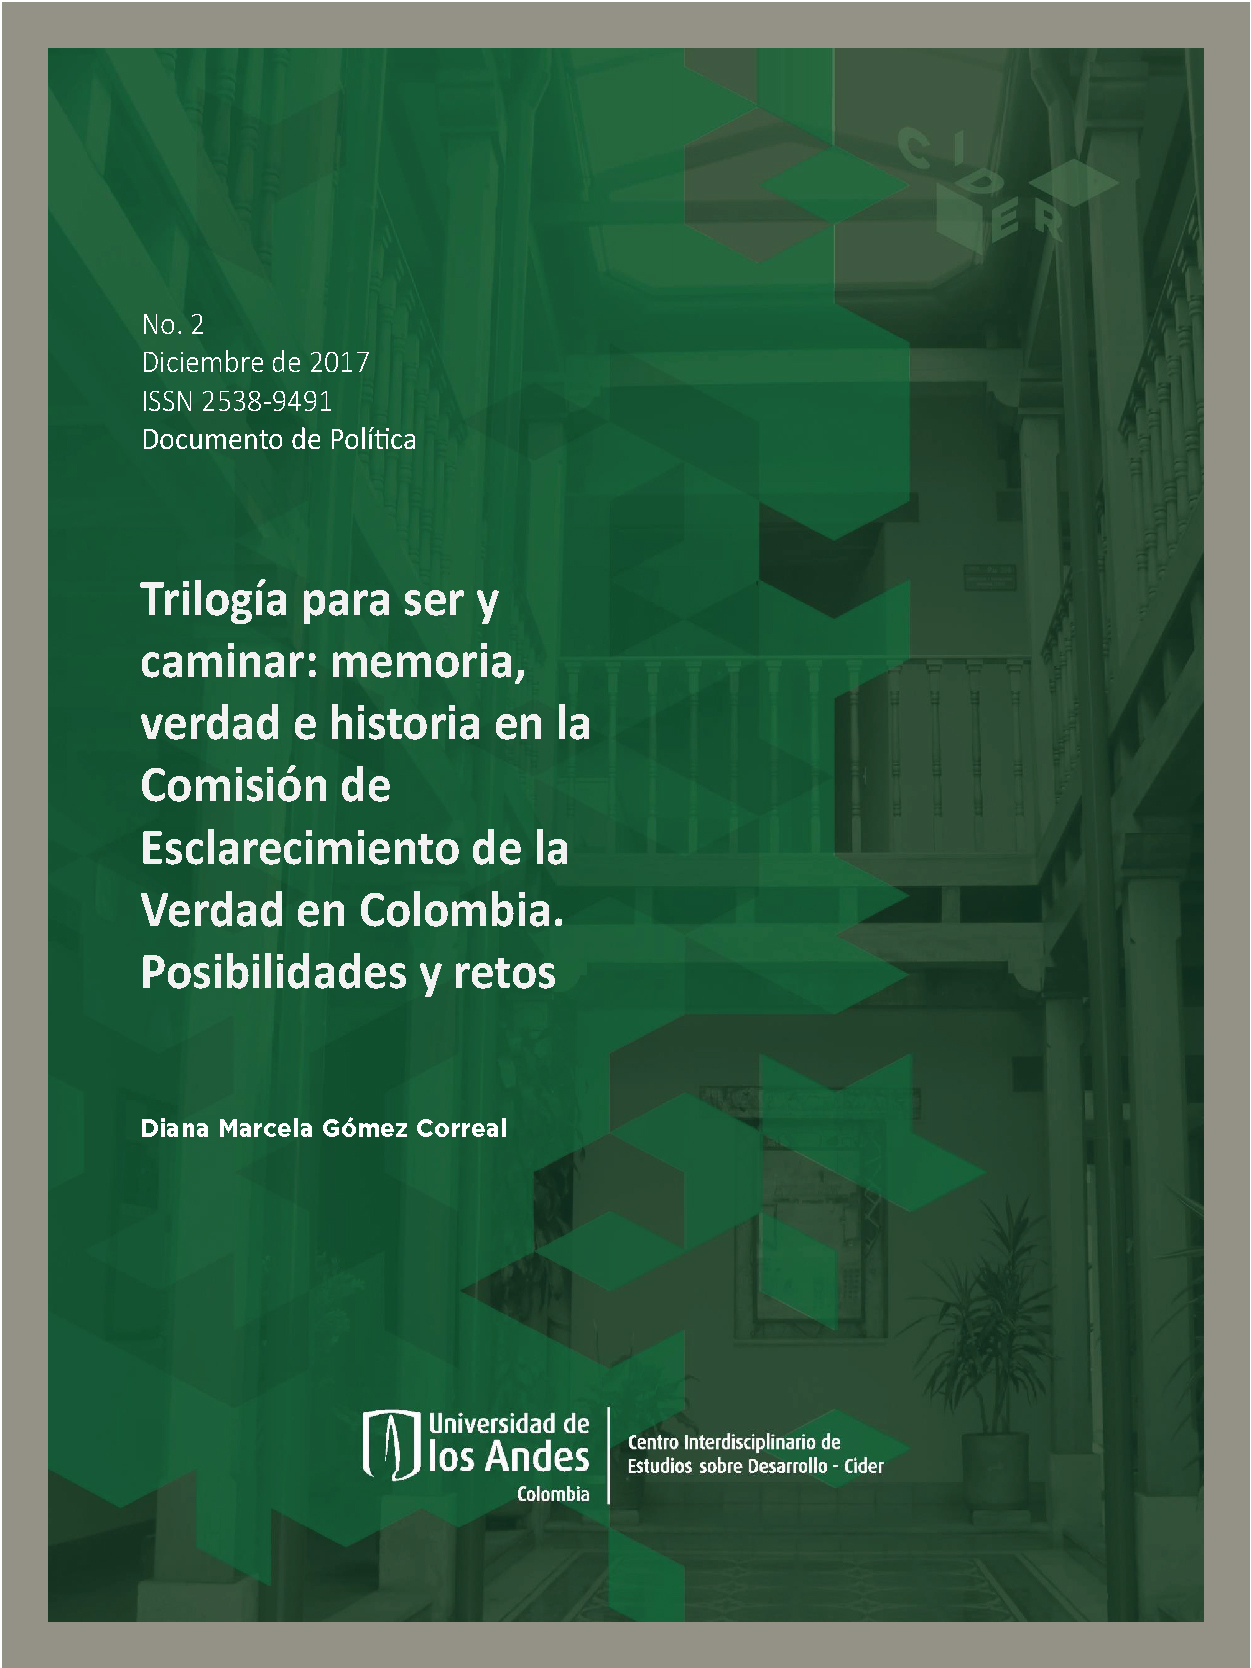 """Documentos de Política """"Trilogía para ser y caminar: memoria, verdad e historia en la Comisión de Esclarecimientode la Verdad en Colombia. Posibilidades y retos."""""""